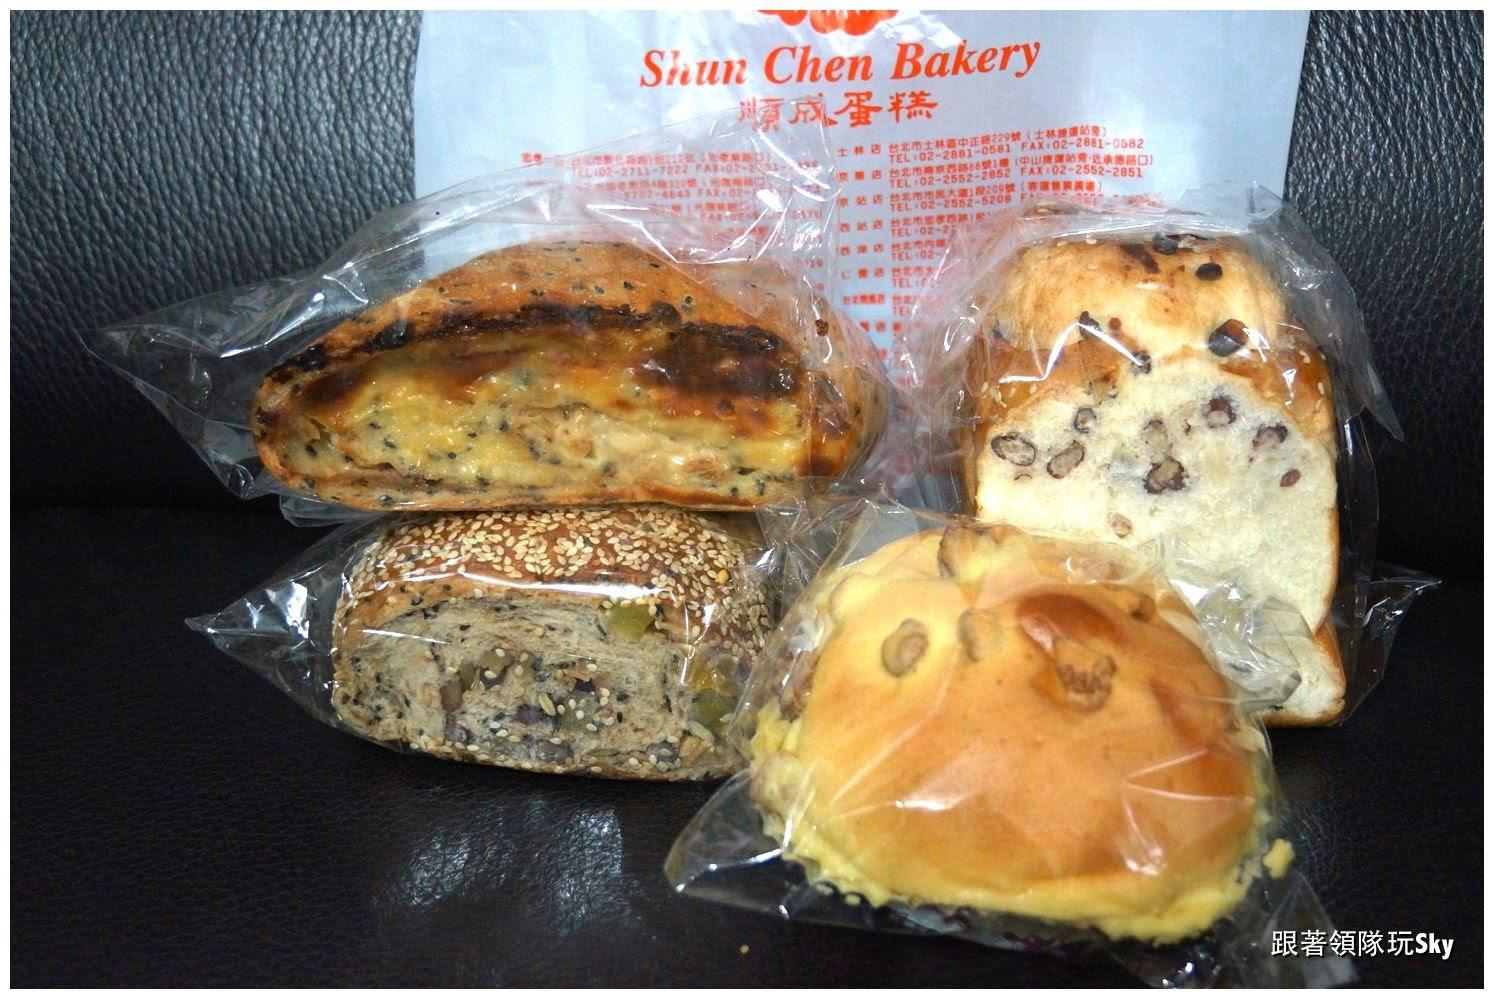 蘆洲美食推薦-好吃的麵包【順成蛋糕】(徐匯中學捷運站)